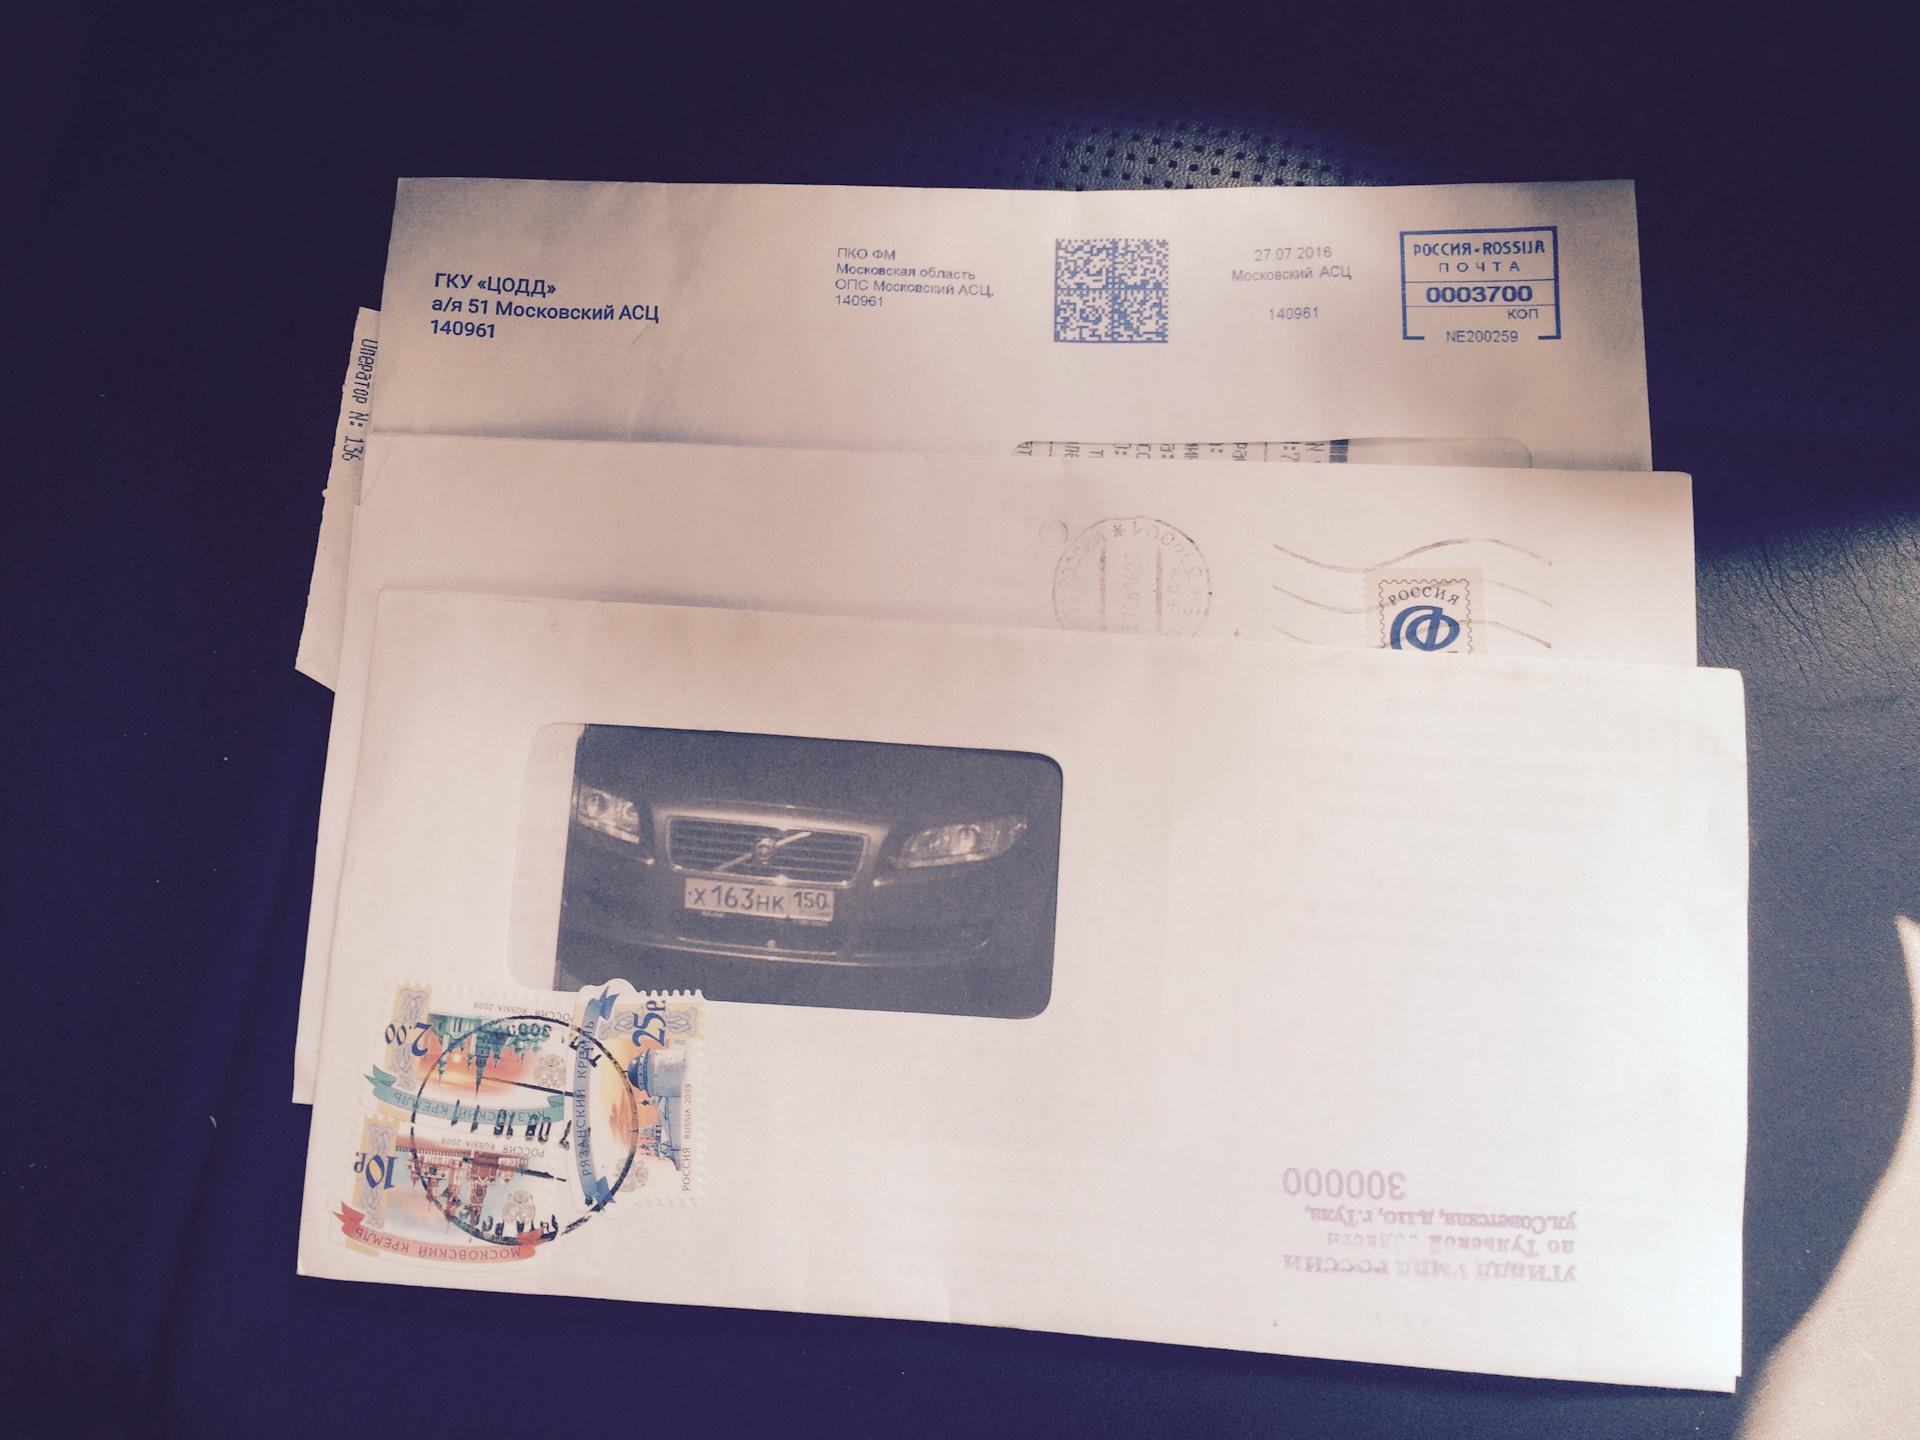 """Письмо """"московский асц"""": что такое, кто отправил, нужно получать или нет?"""